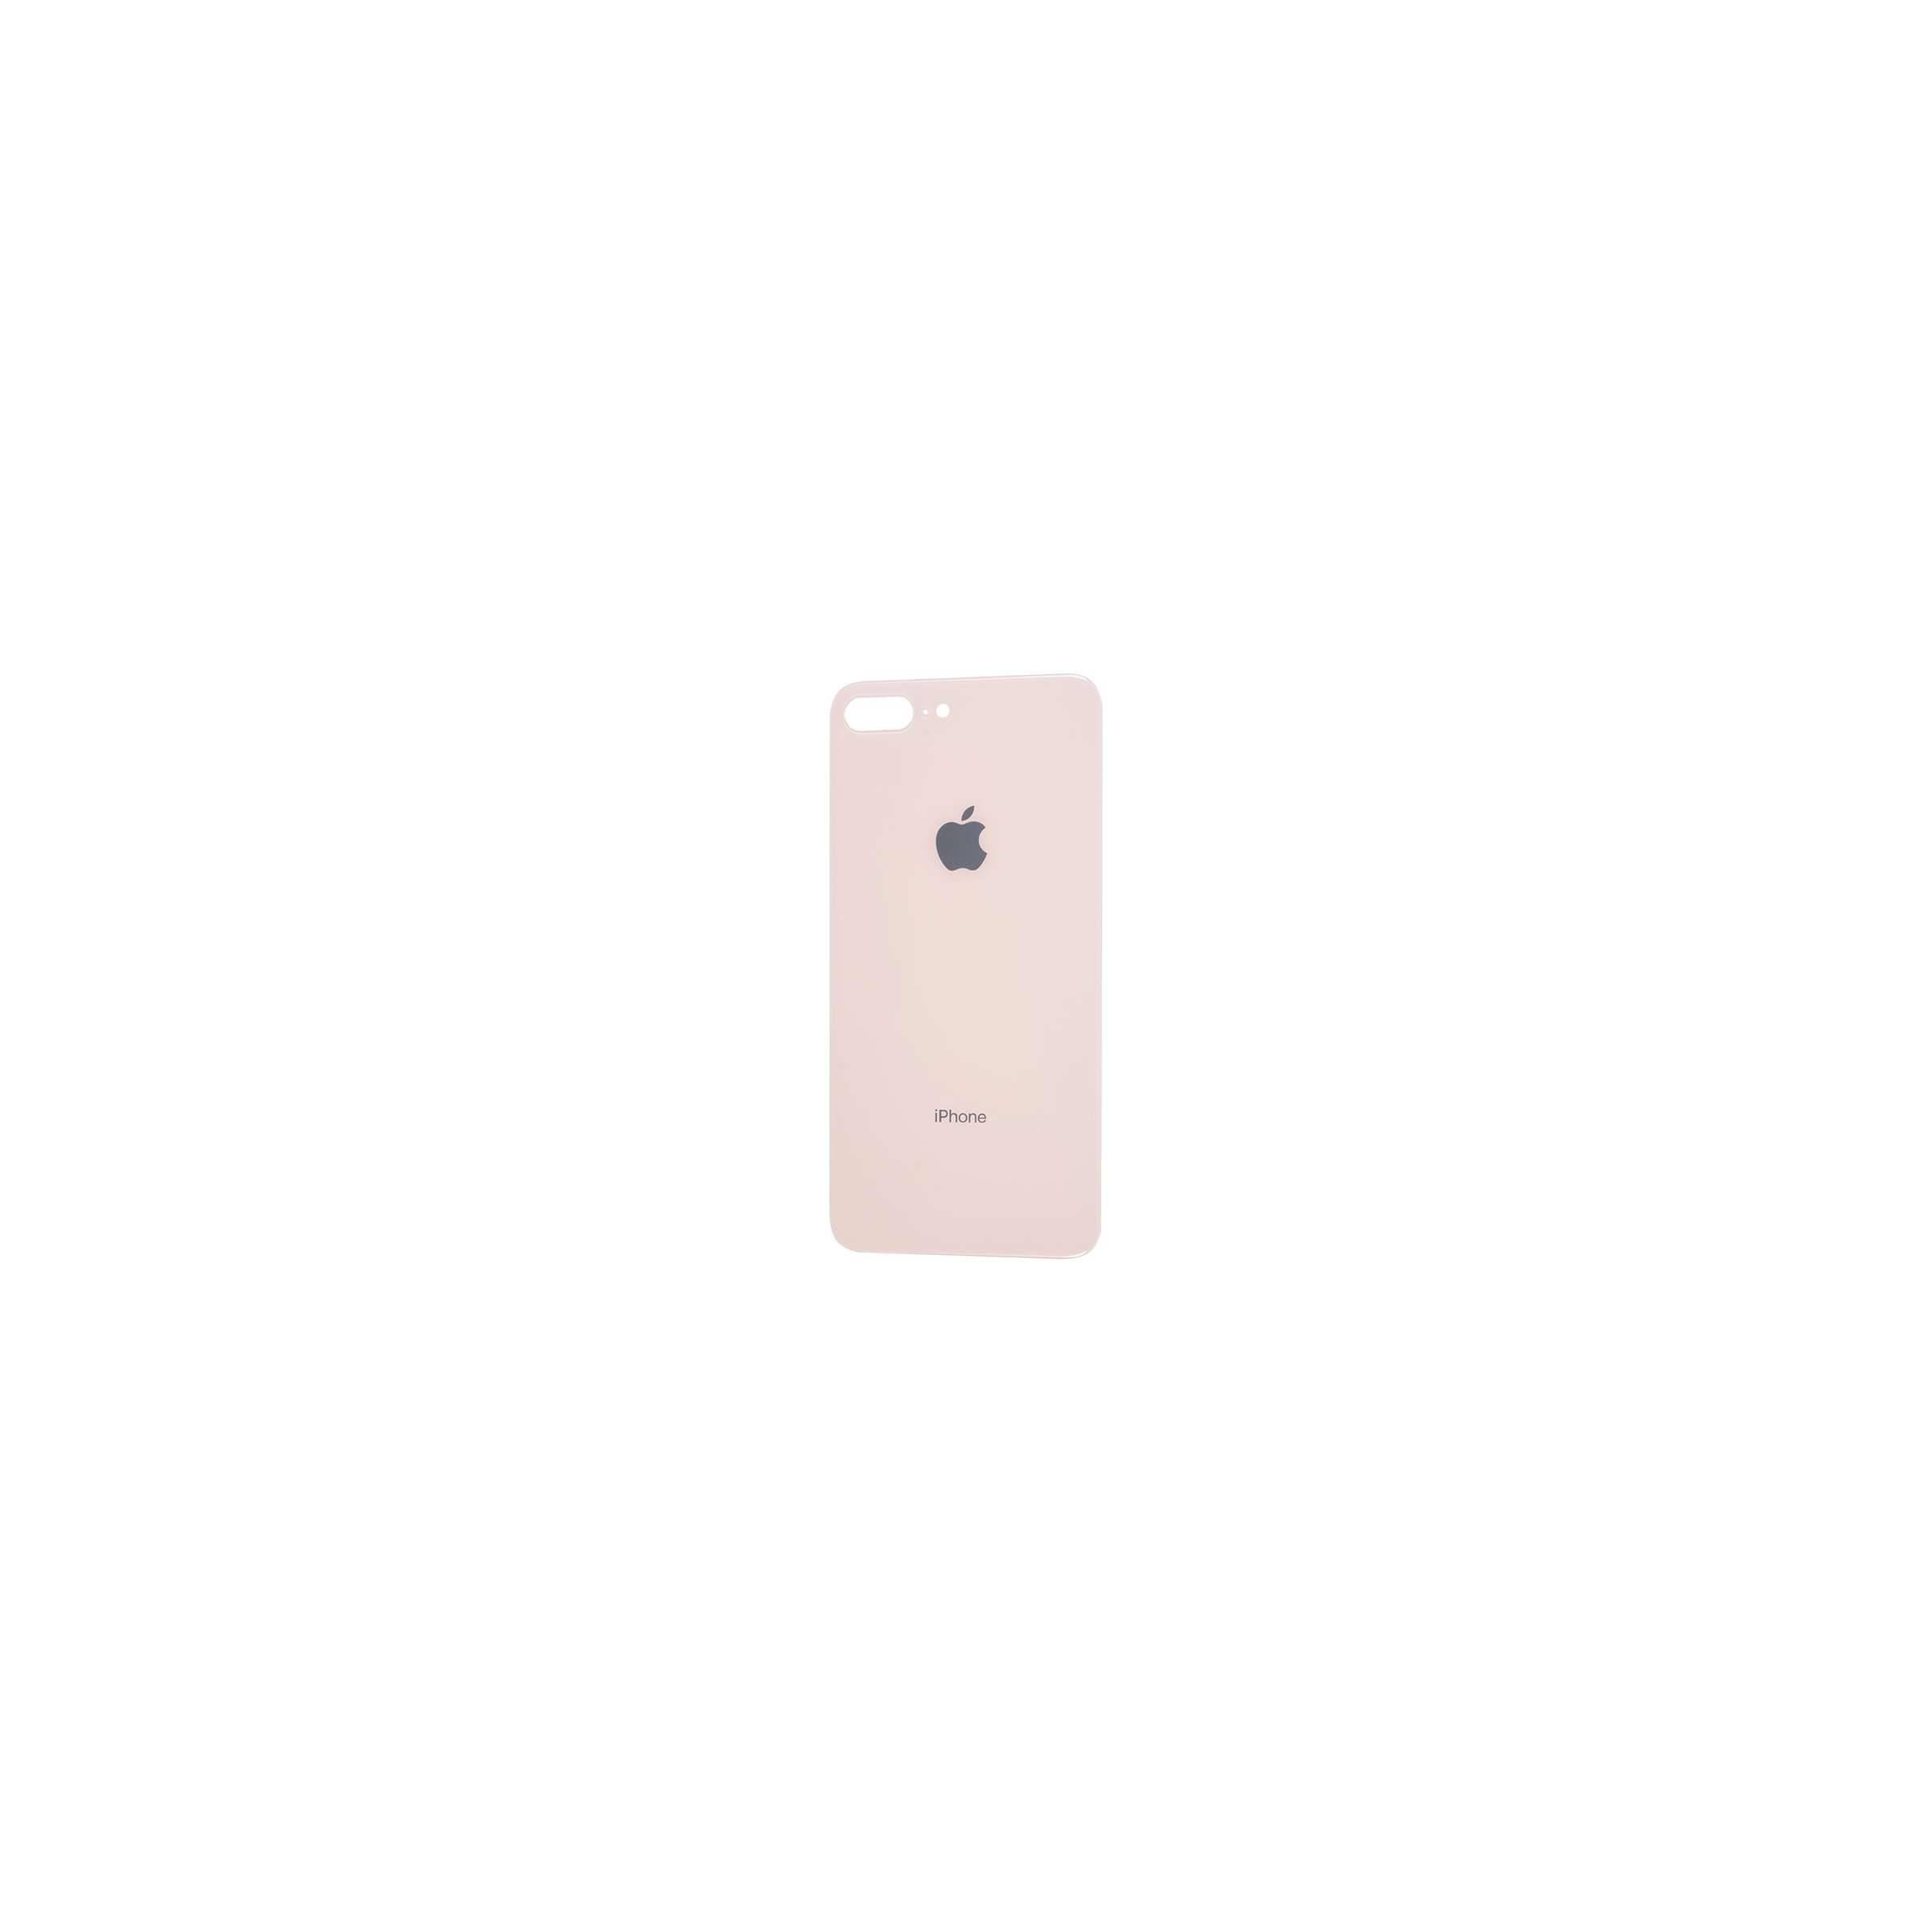 sinox – Iphone 8 plus bagglas i høj kvalitet farve guld fra mackabler.dk